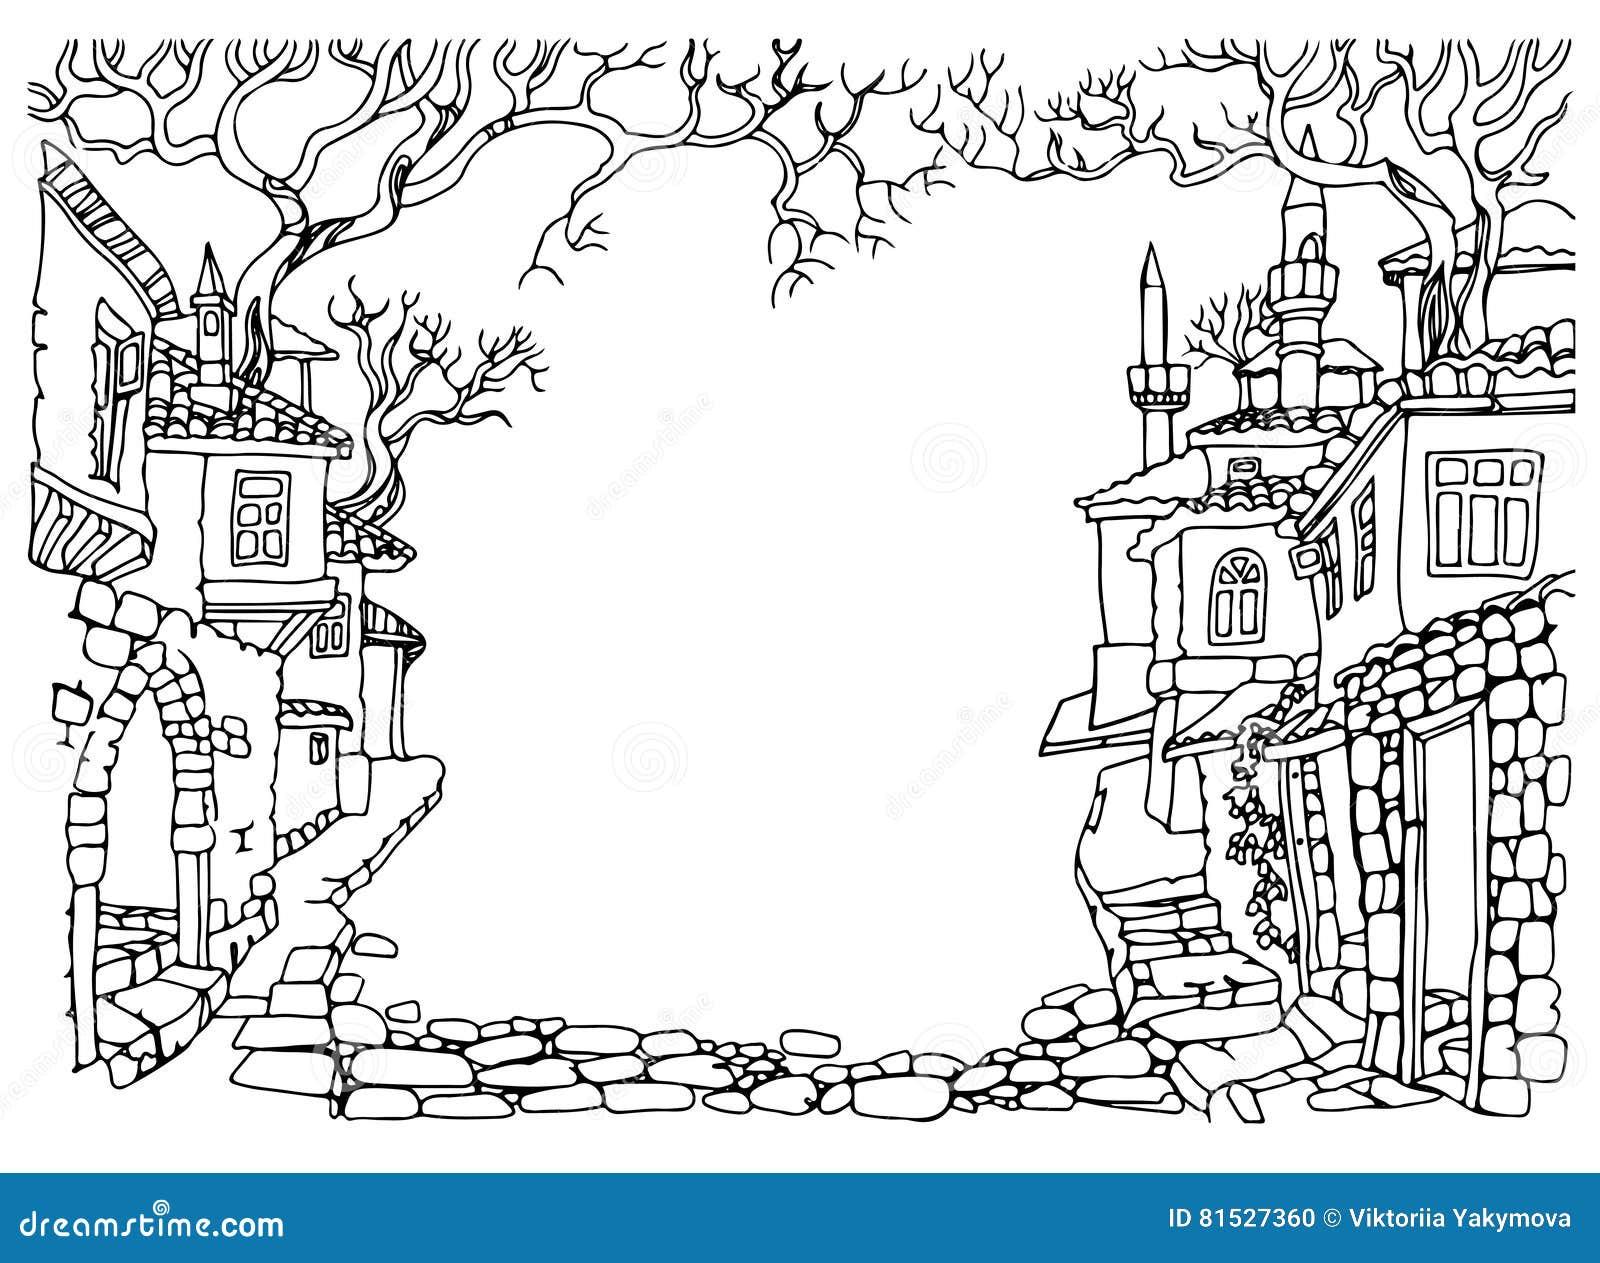 Dibujo lineal blanco y negro calle vieja de la ciudad oriental mano dibujada ilustraci n del for Dessin ville orientale